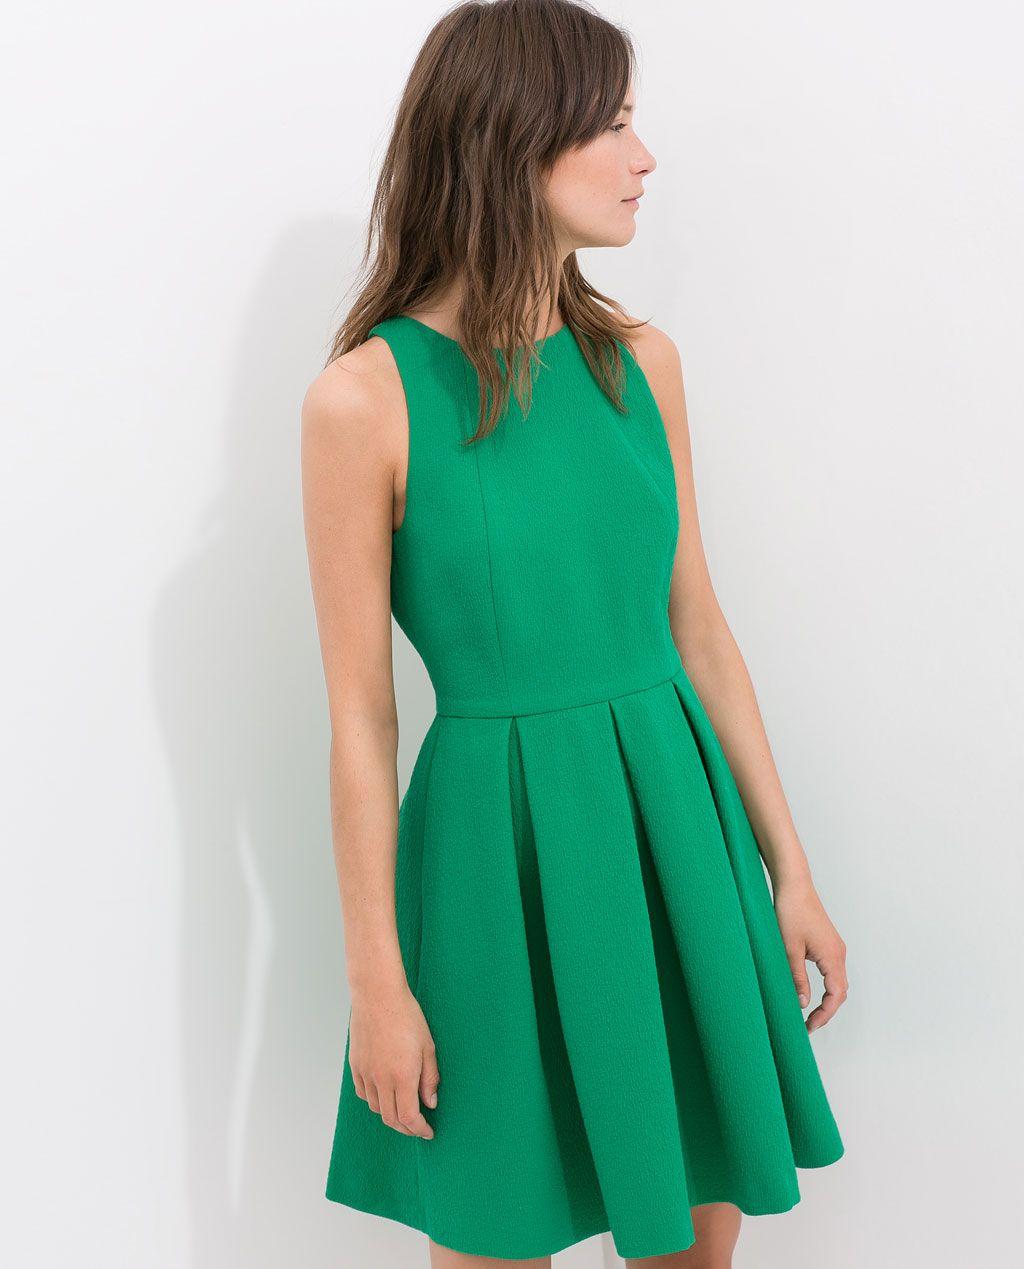 Vestidos Vestido Espalda Modelitos Abierta Mujer Zara pq7f00